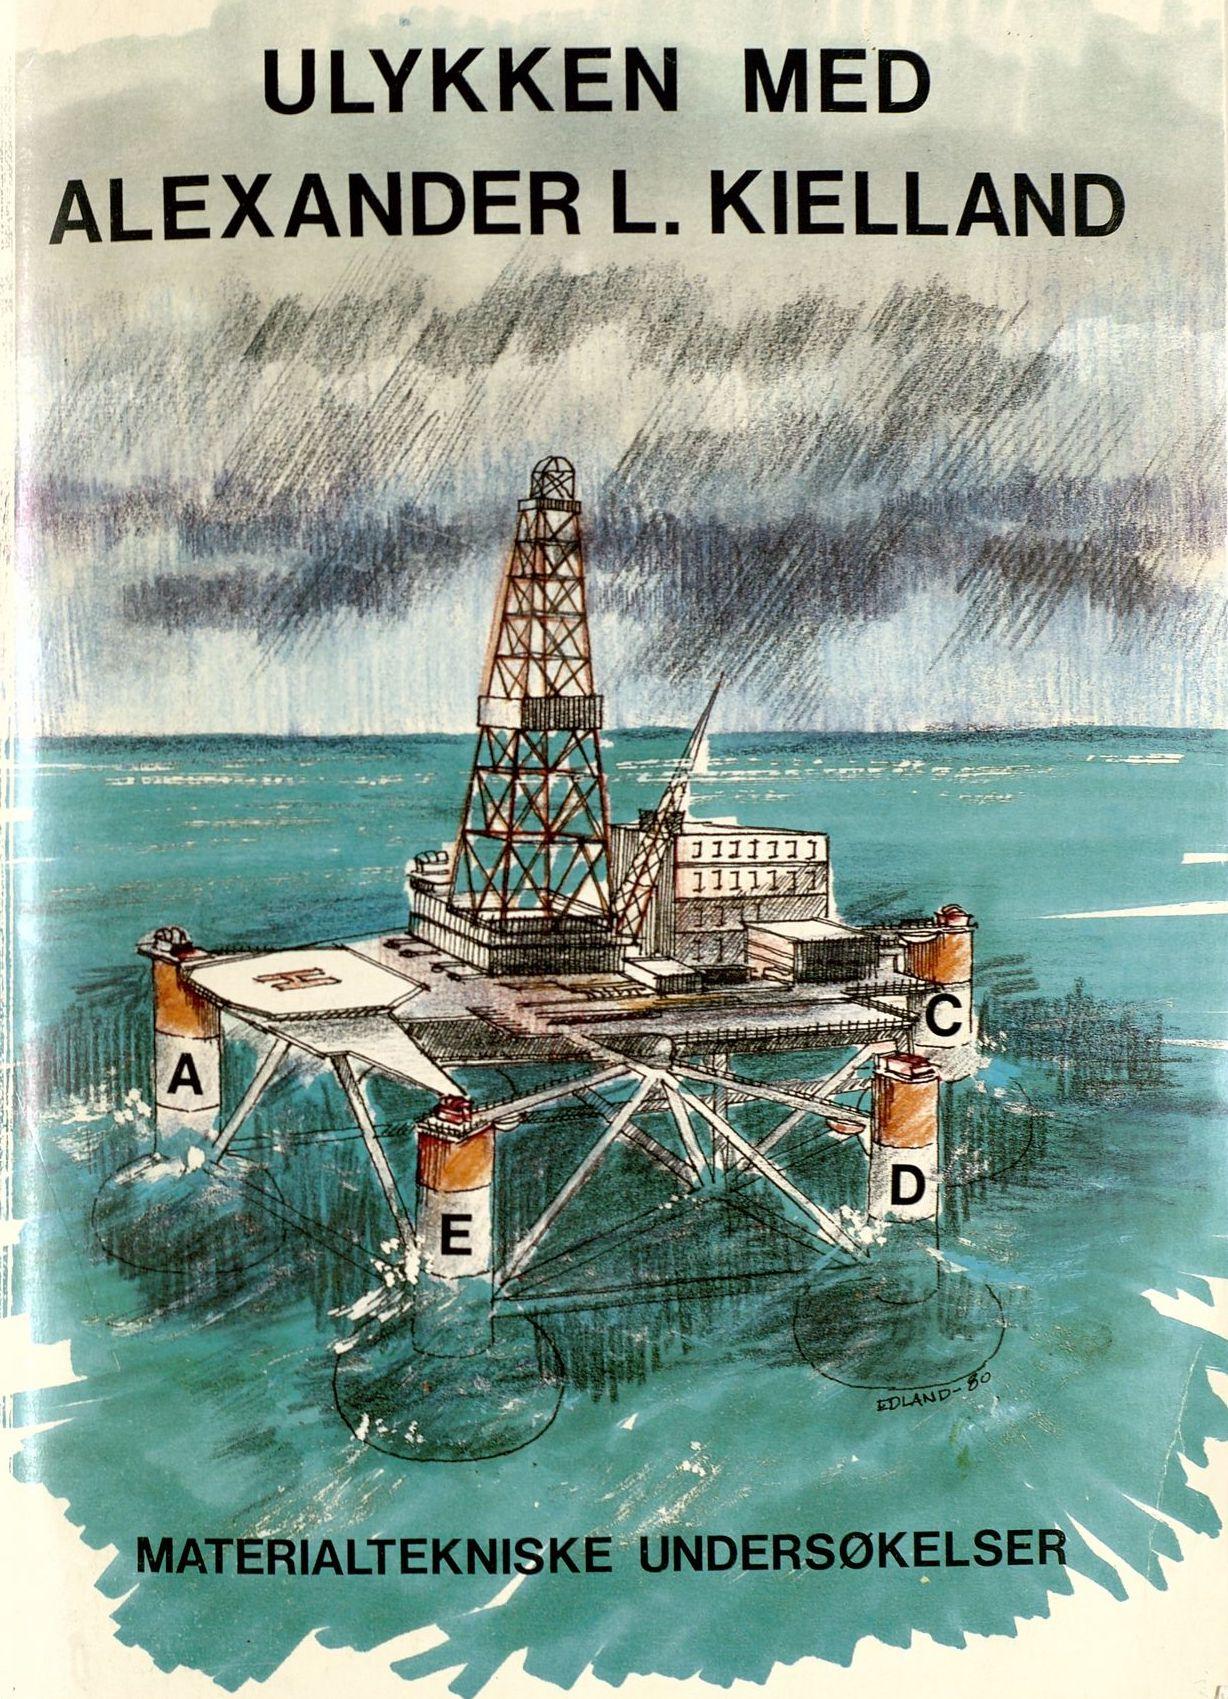 Forsiden av rapport med tegning av Alexander L. Kielland plattformen. Tegning: Edland, 1980